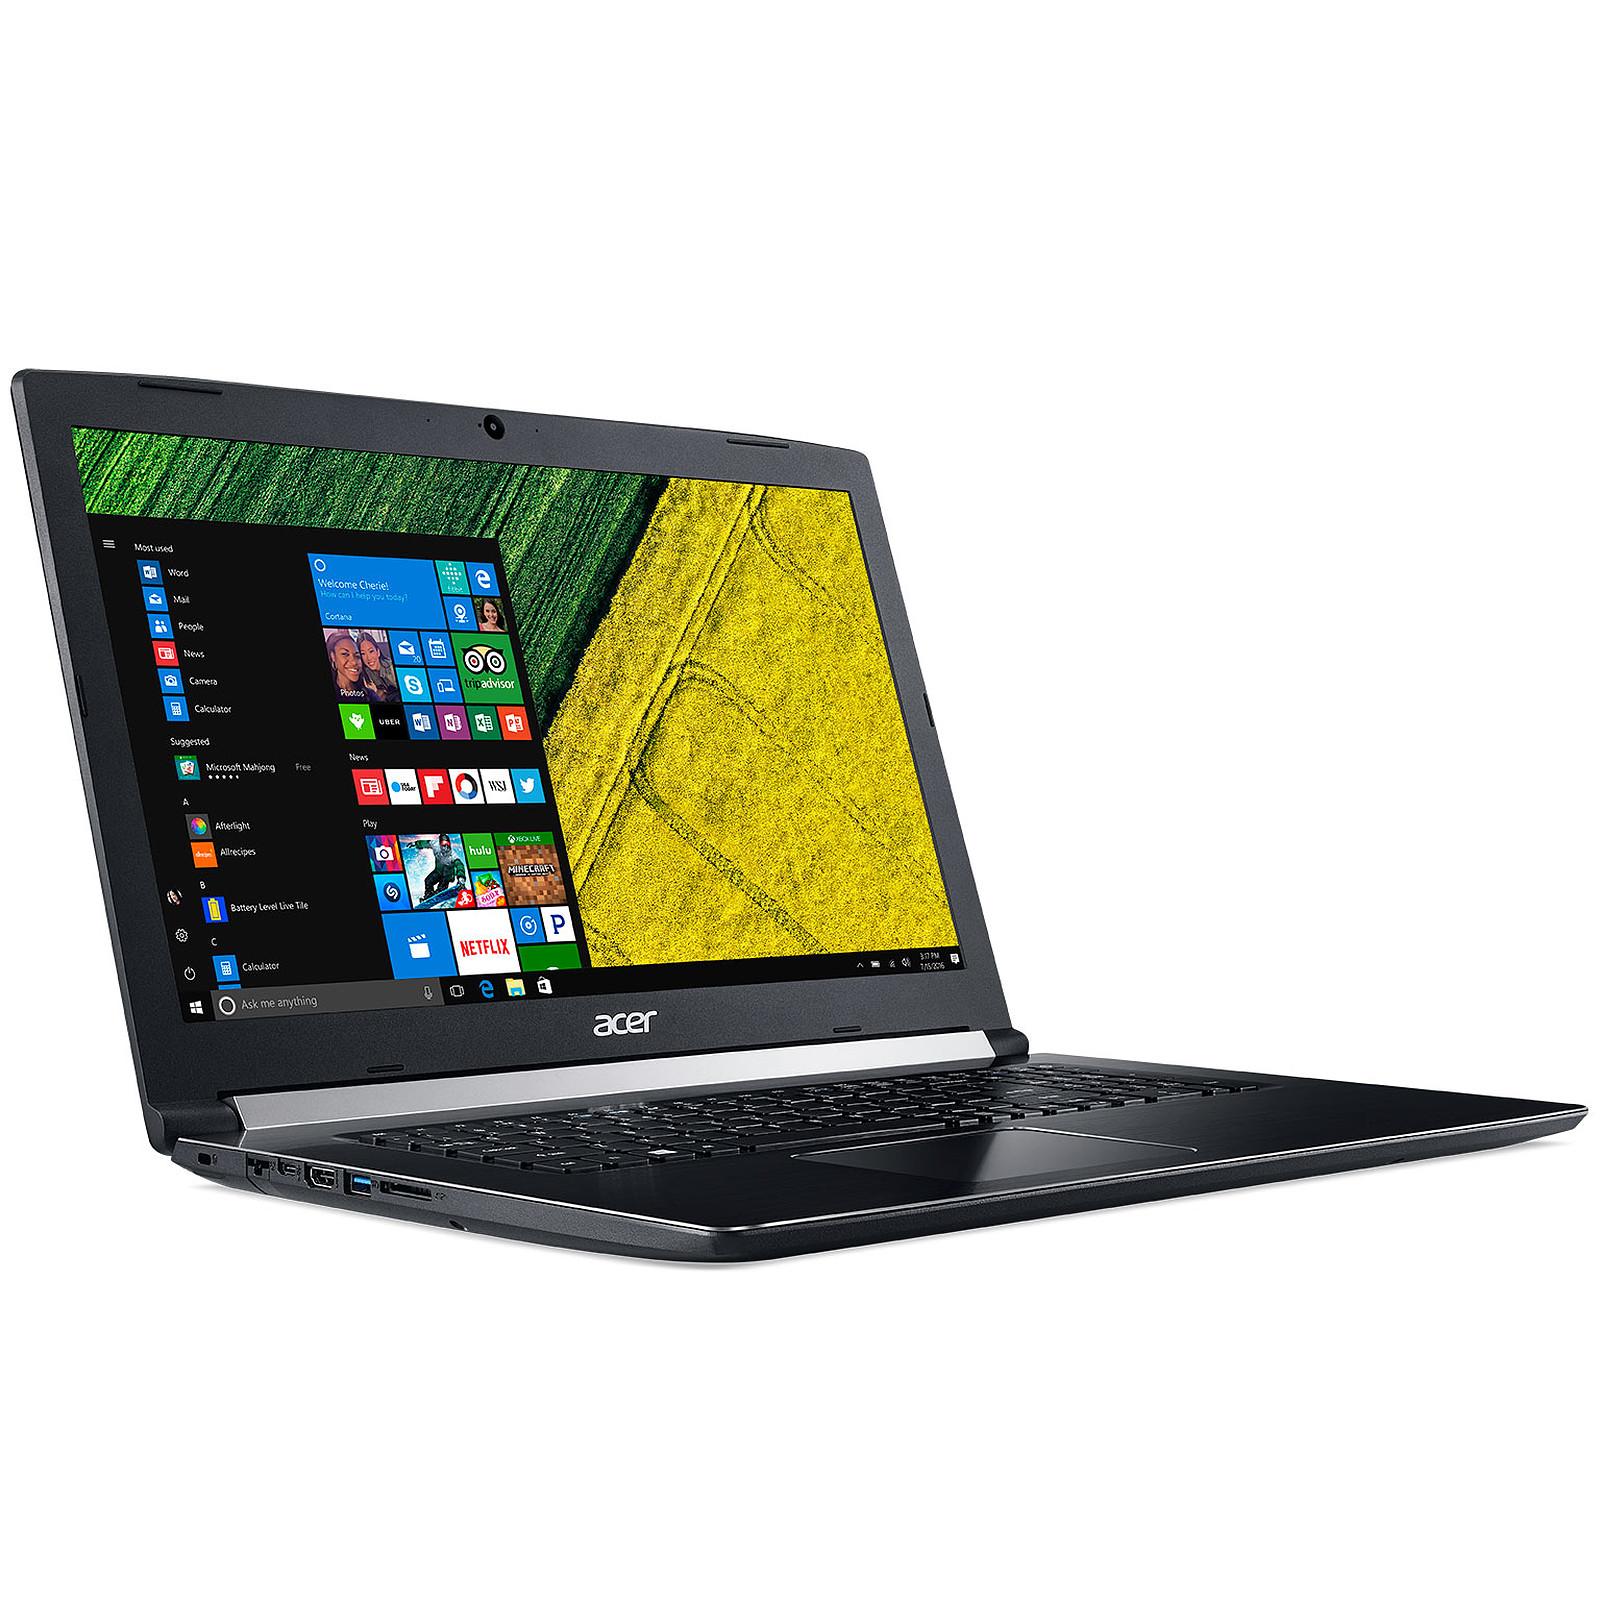 Acer Aspire 5 A517-51G-53K1